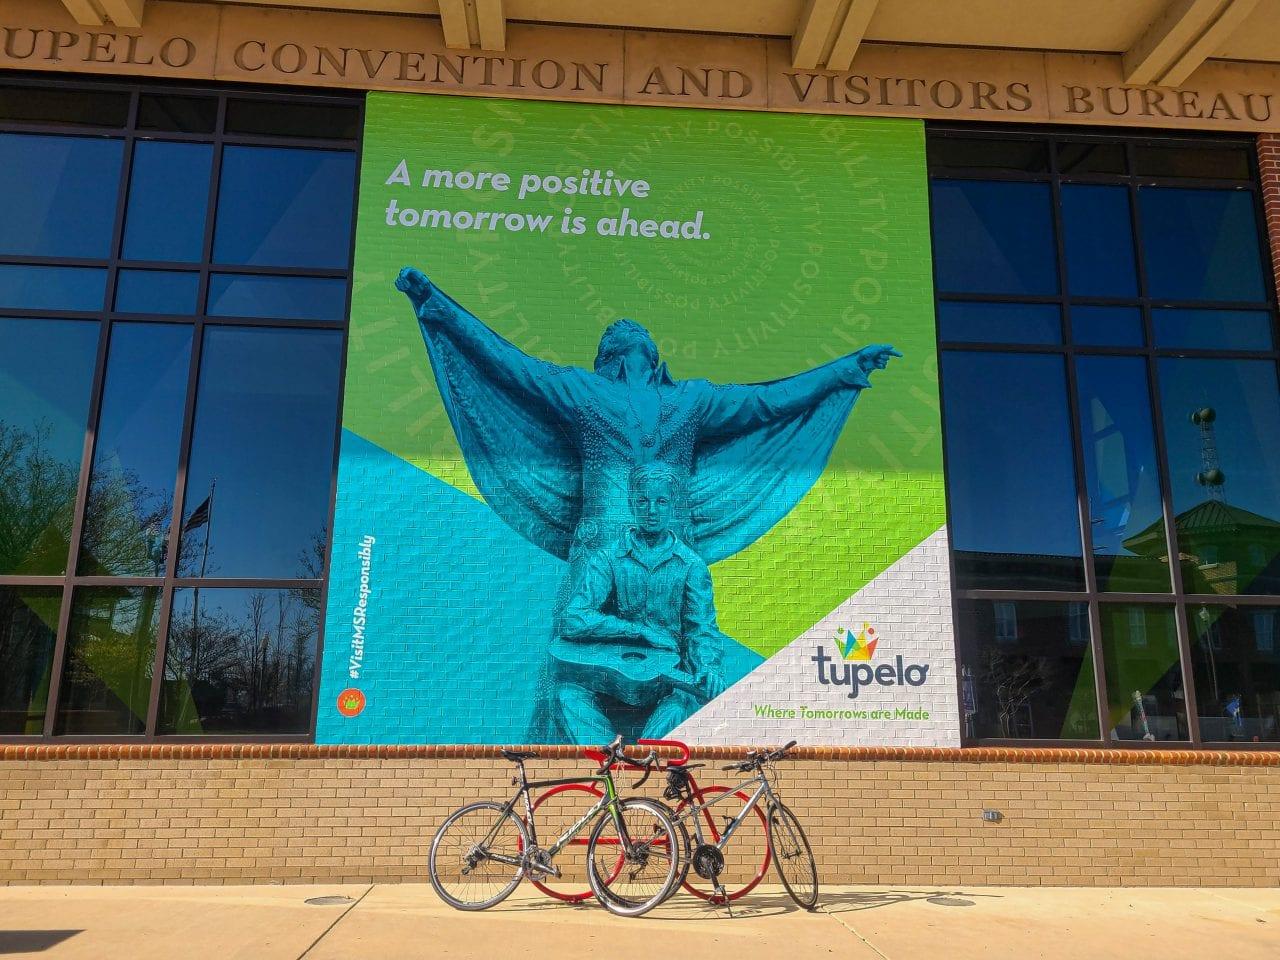 Tupelo Visitor Center